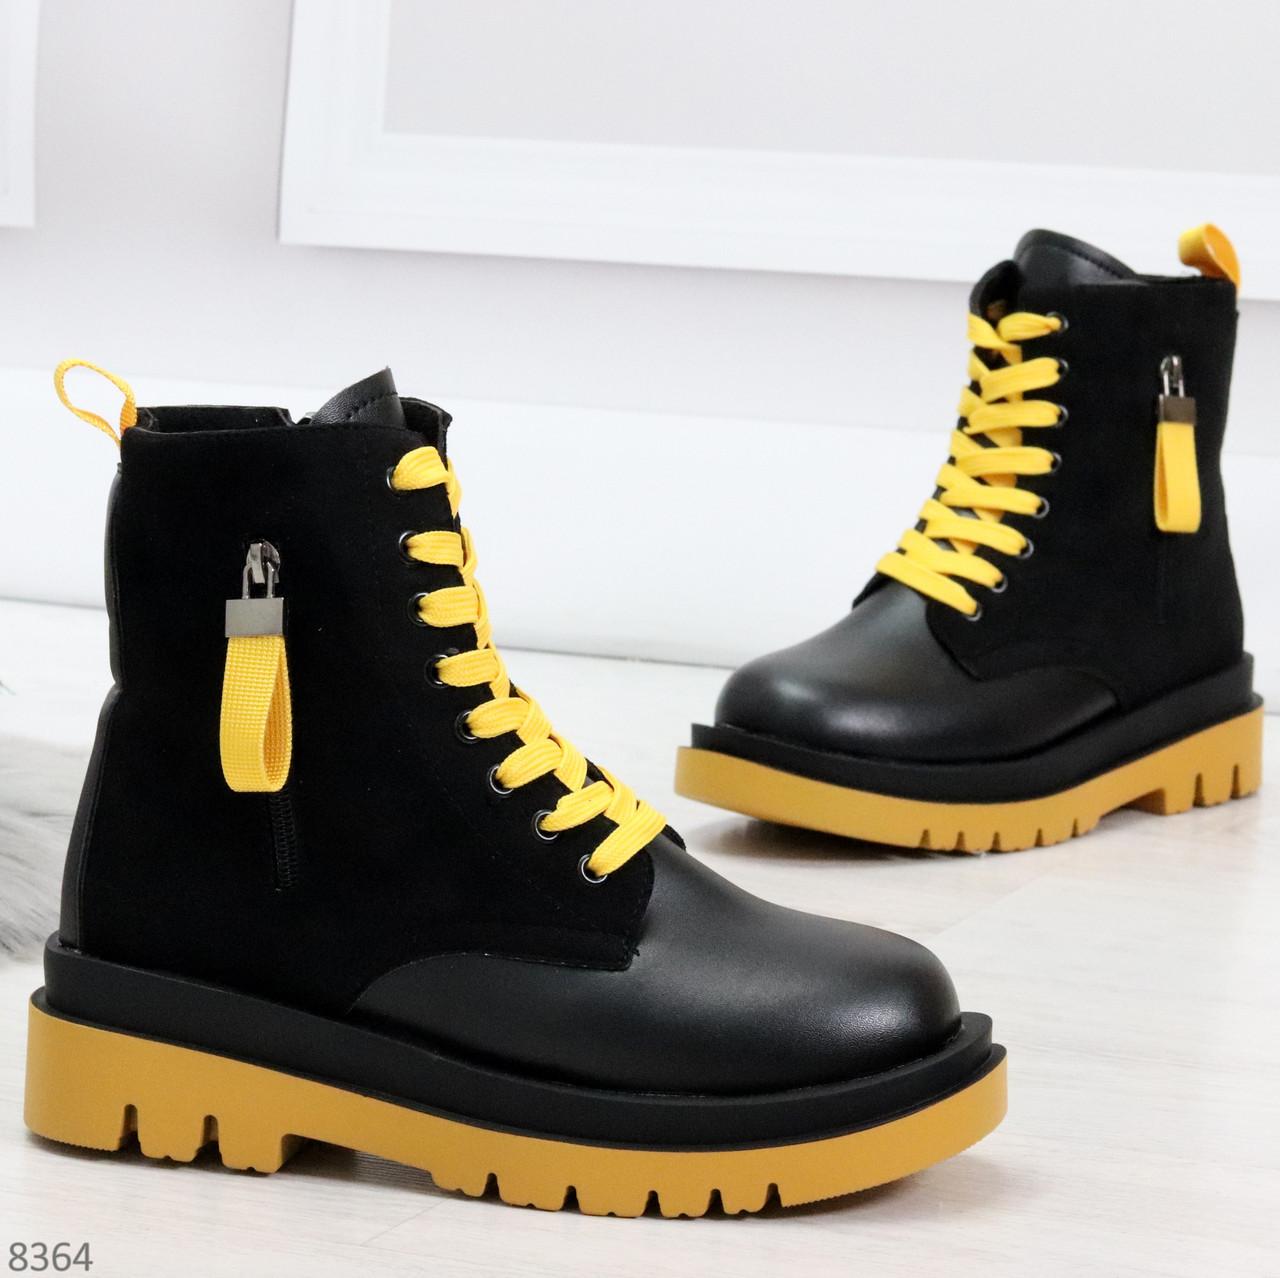 Стильные удобные демисезонные черные женские ботинки с желтым декором